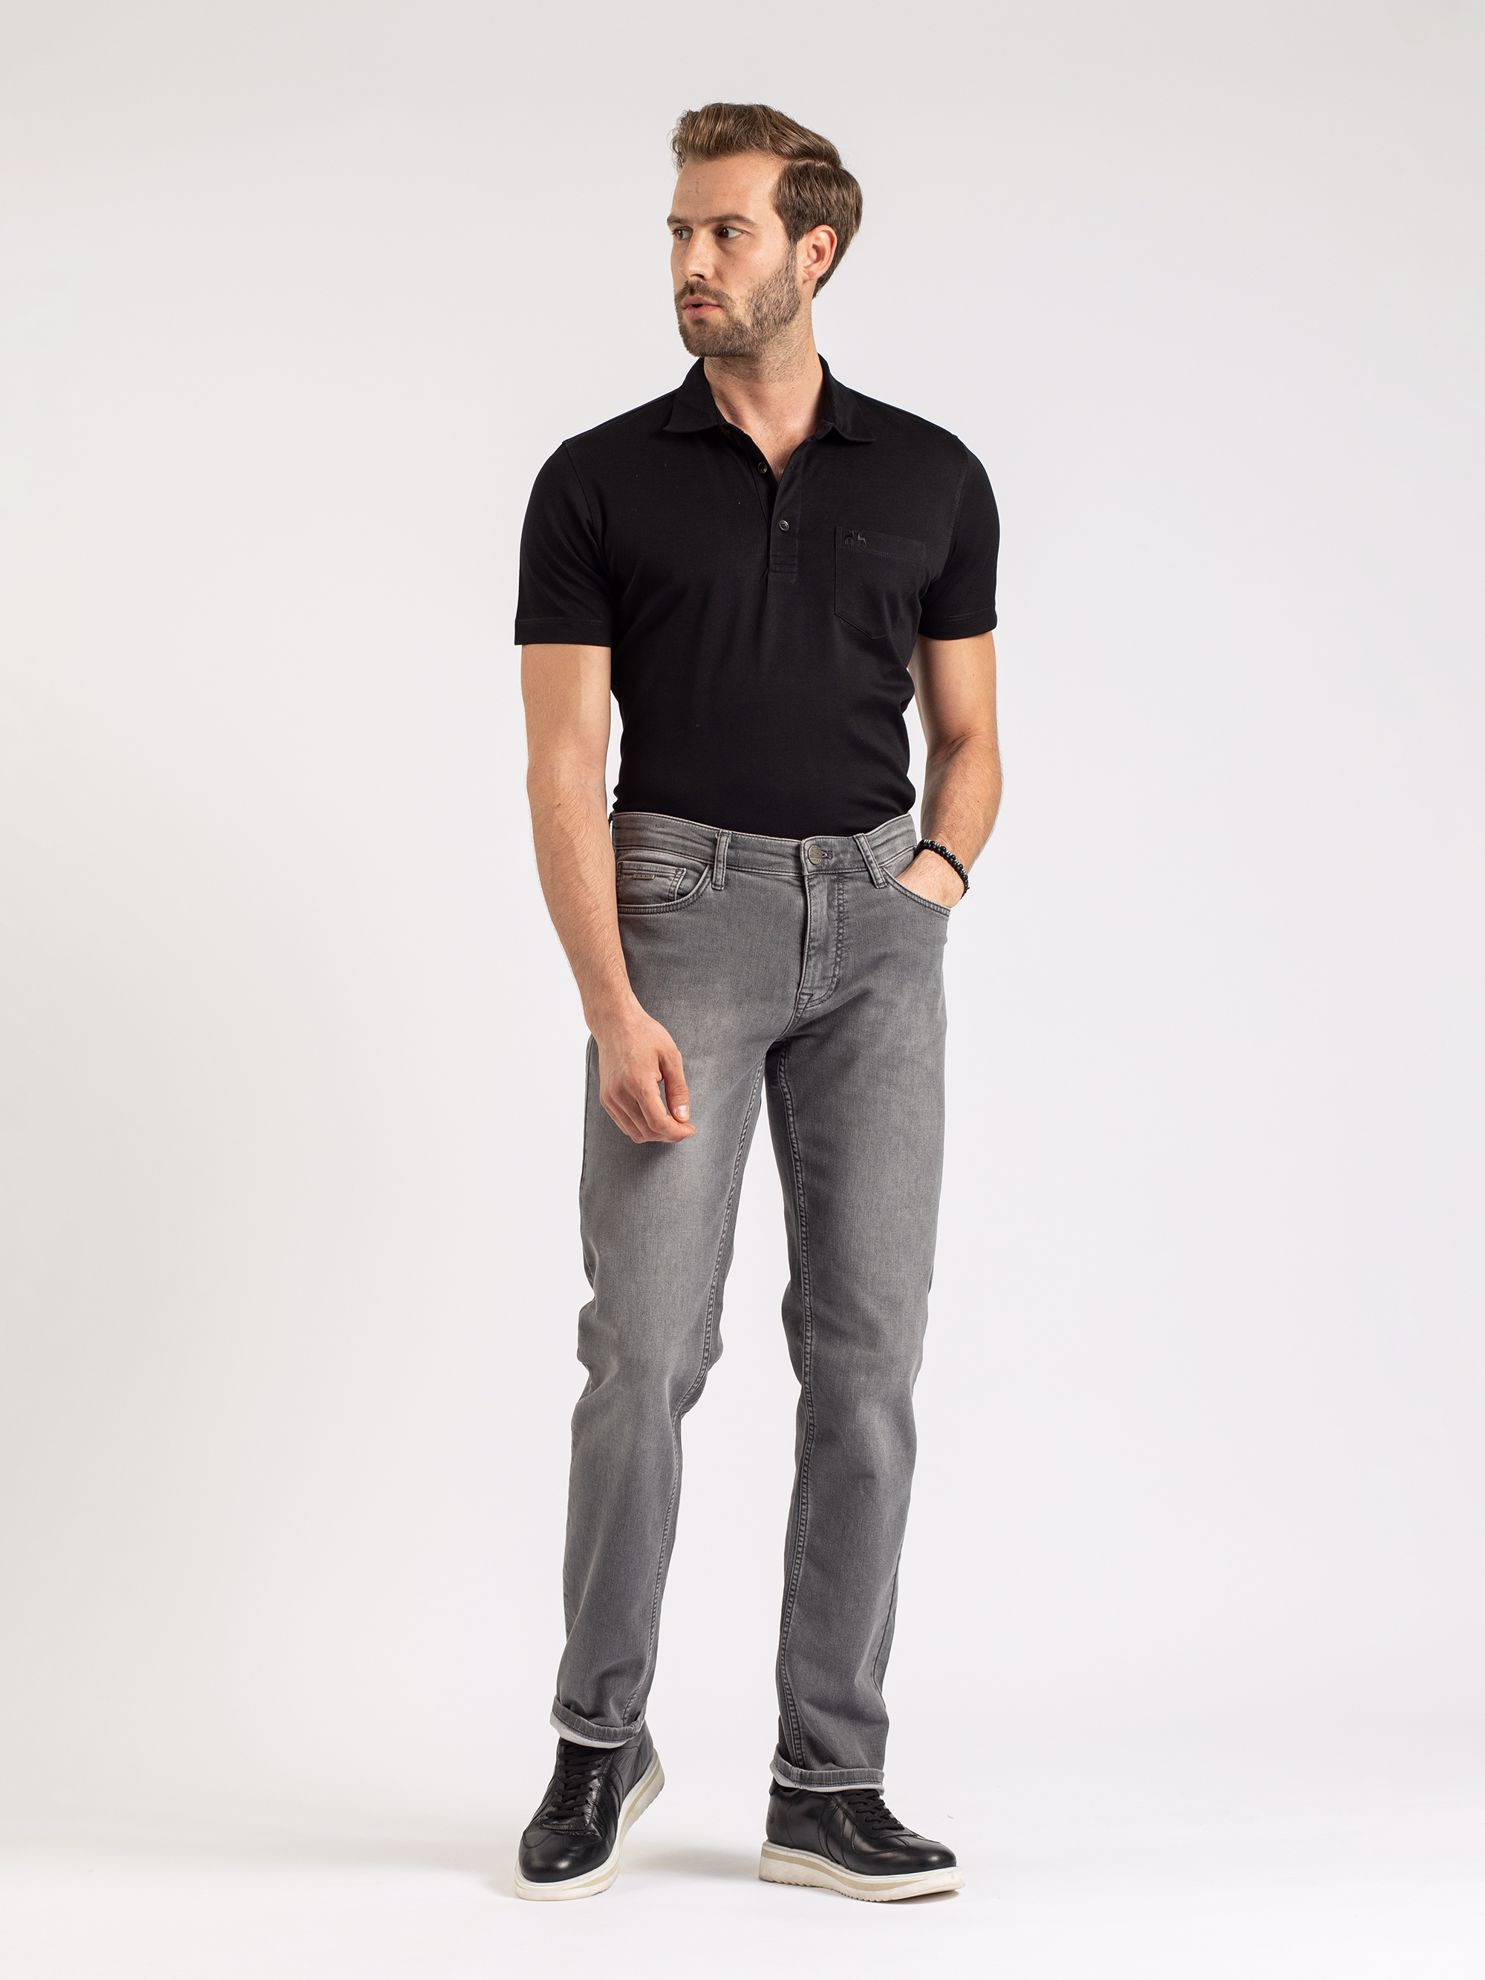 Karaca Erkek Jean-Gri. ürün görseli